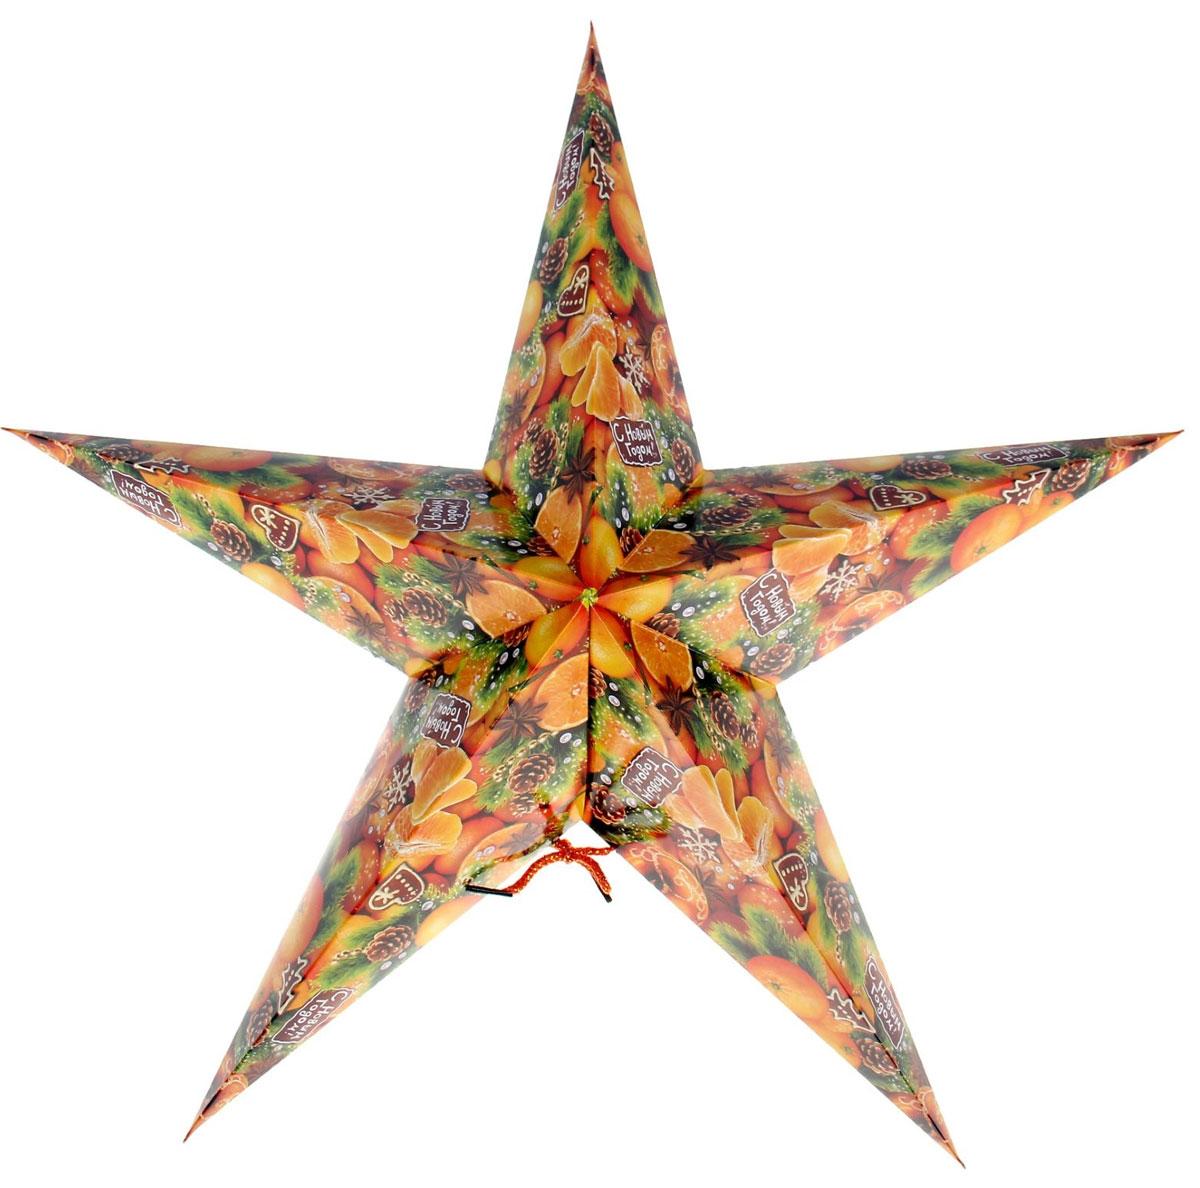 Новогоднее подвесное украшение Sima-land Звезда. Мандарины, 64 см х 64 см х 25 см1117830Подвесное украшение Sima-land Звезда. Мандарины, выполненное из картона, прекрасно подойдет для праздничного декора интерьера. С помощью шнурка его можно повесить в любом понравившемся вам месте. Новогодние украшения несут в себе волшебство и красоту праздника. Они помогут вам украсить дом к предстоящим праздникам и оживить интерьер по вашему вкусу. Создайте в доме атмосферу тепла, веселья и радости, украшая его всей семьей.